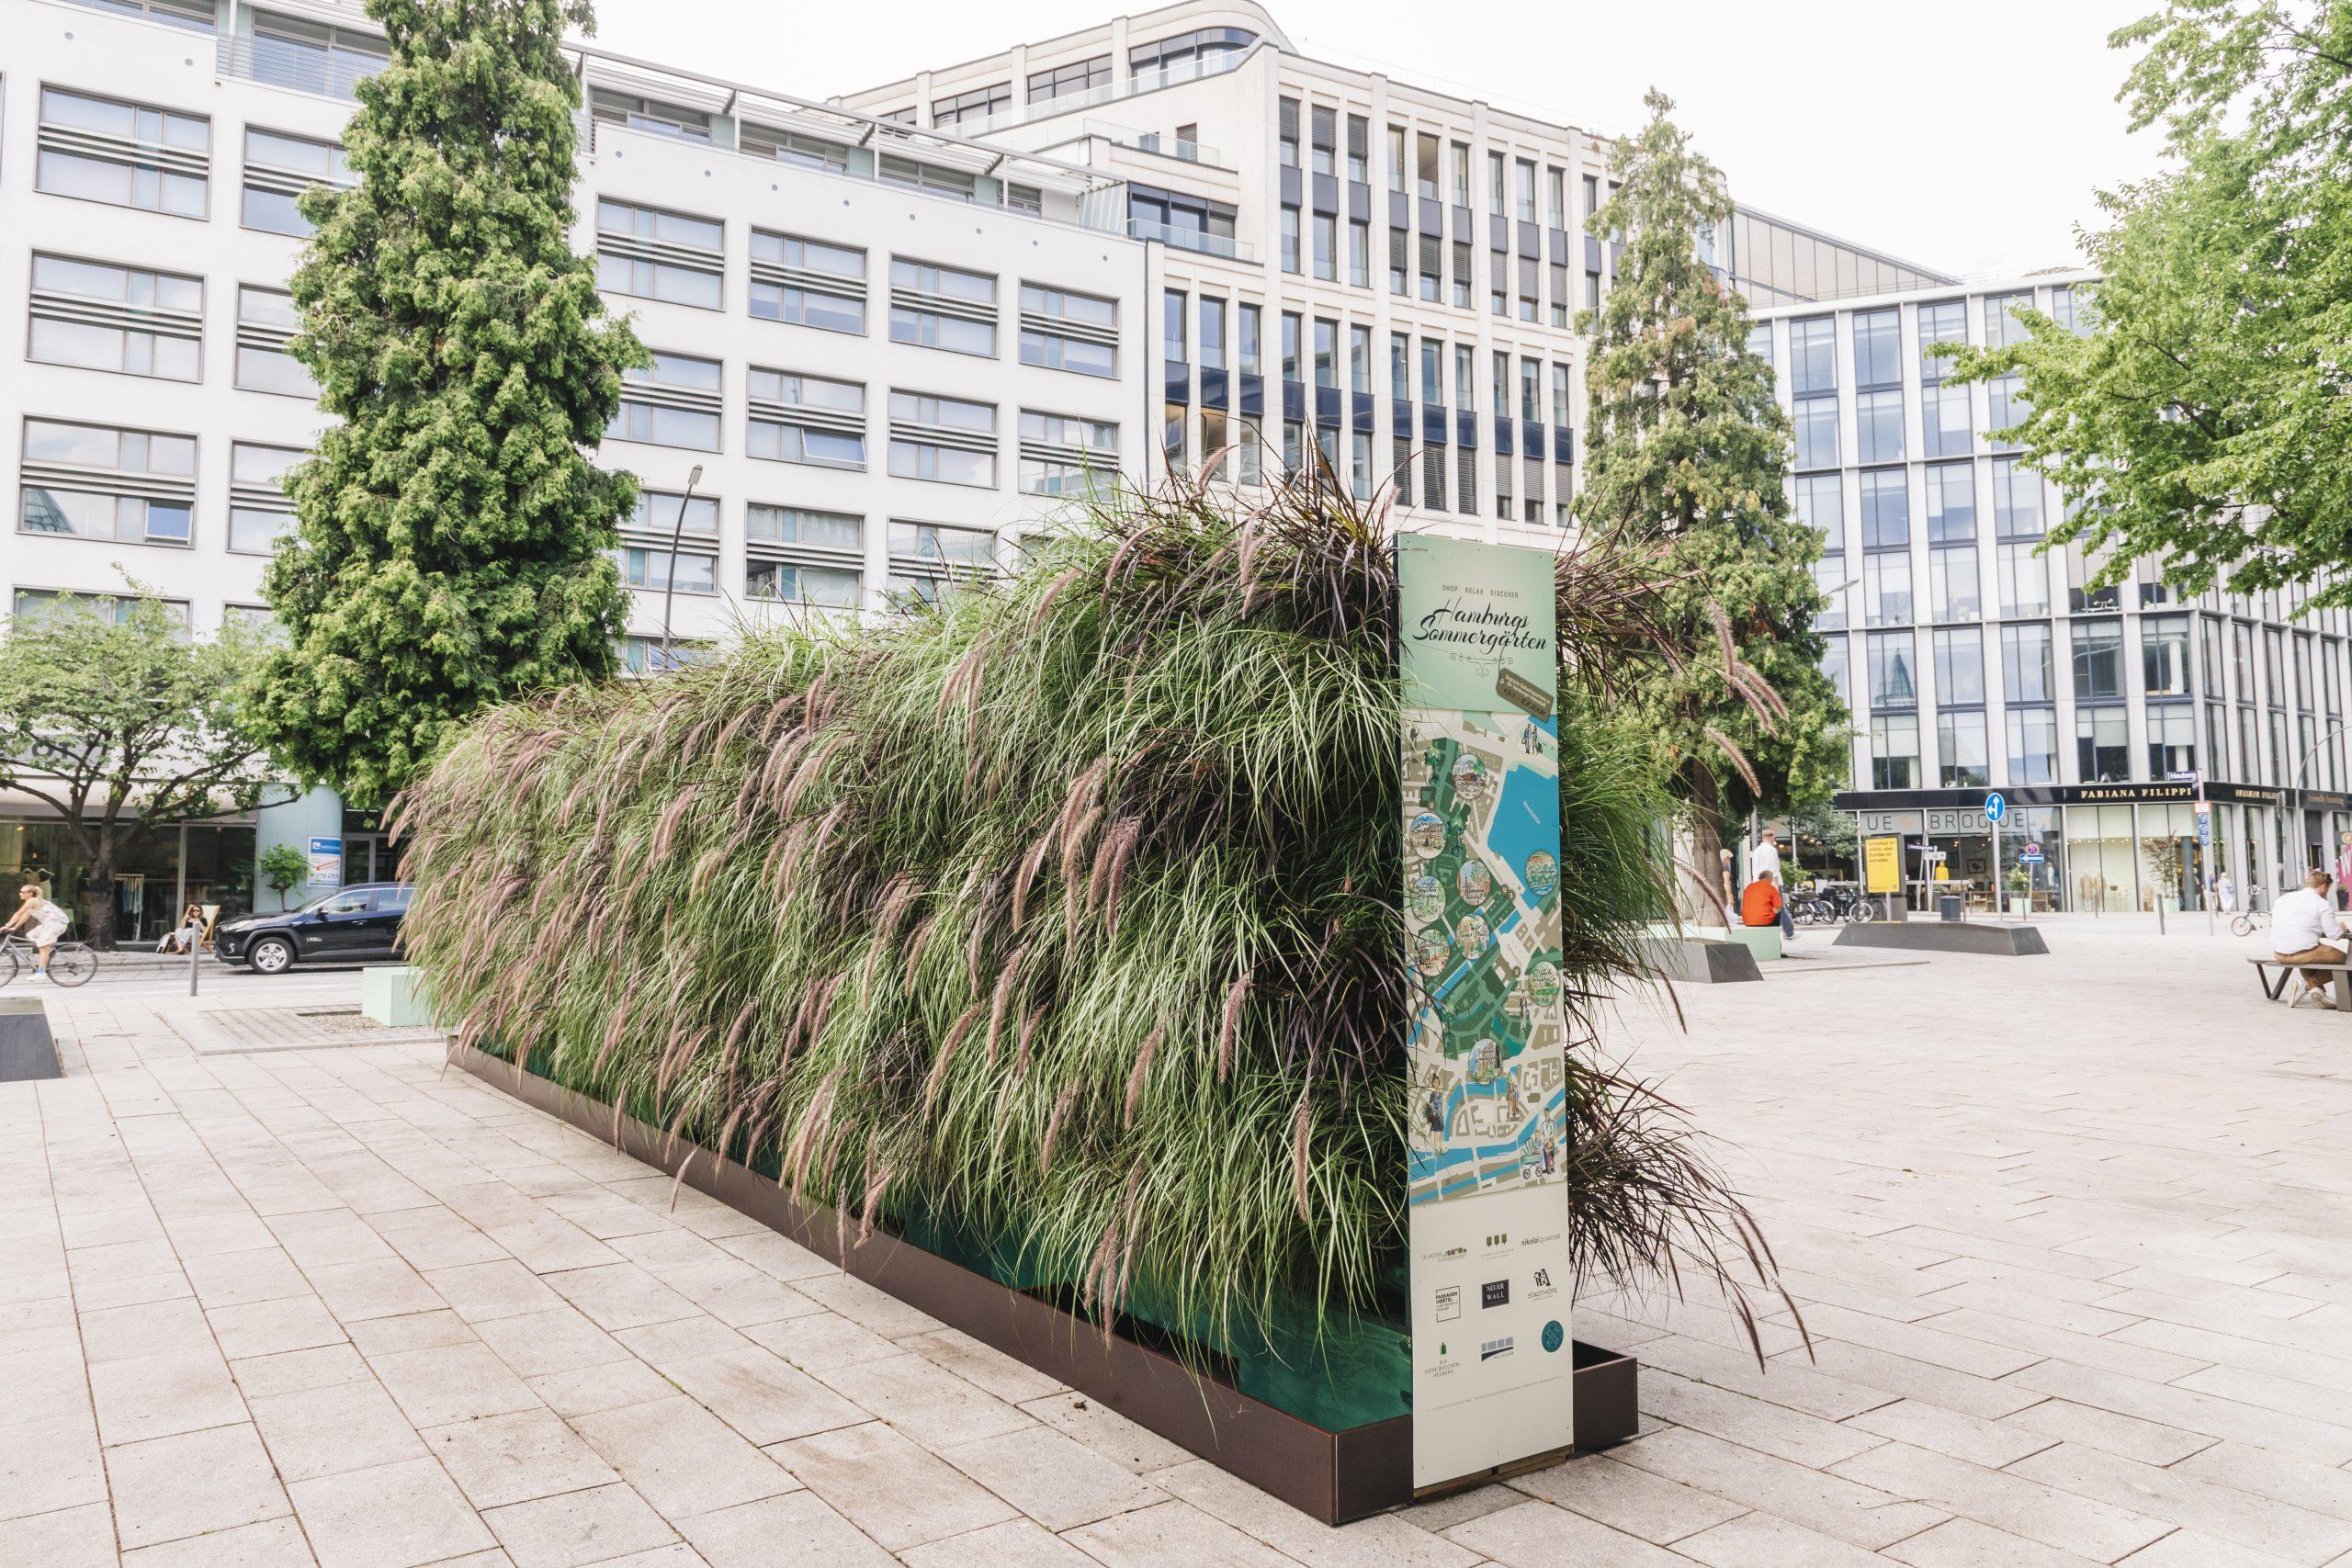 Grüne Wand an Hamburgs Sommergärten